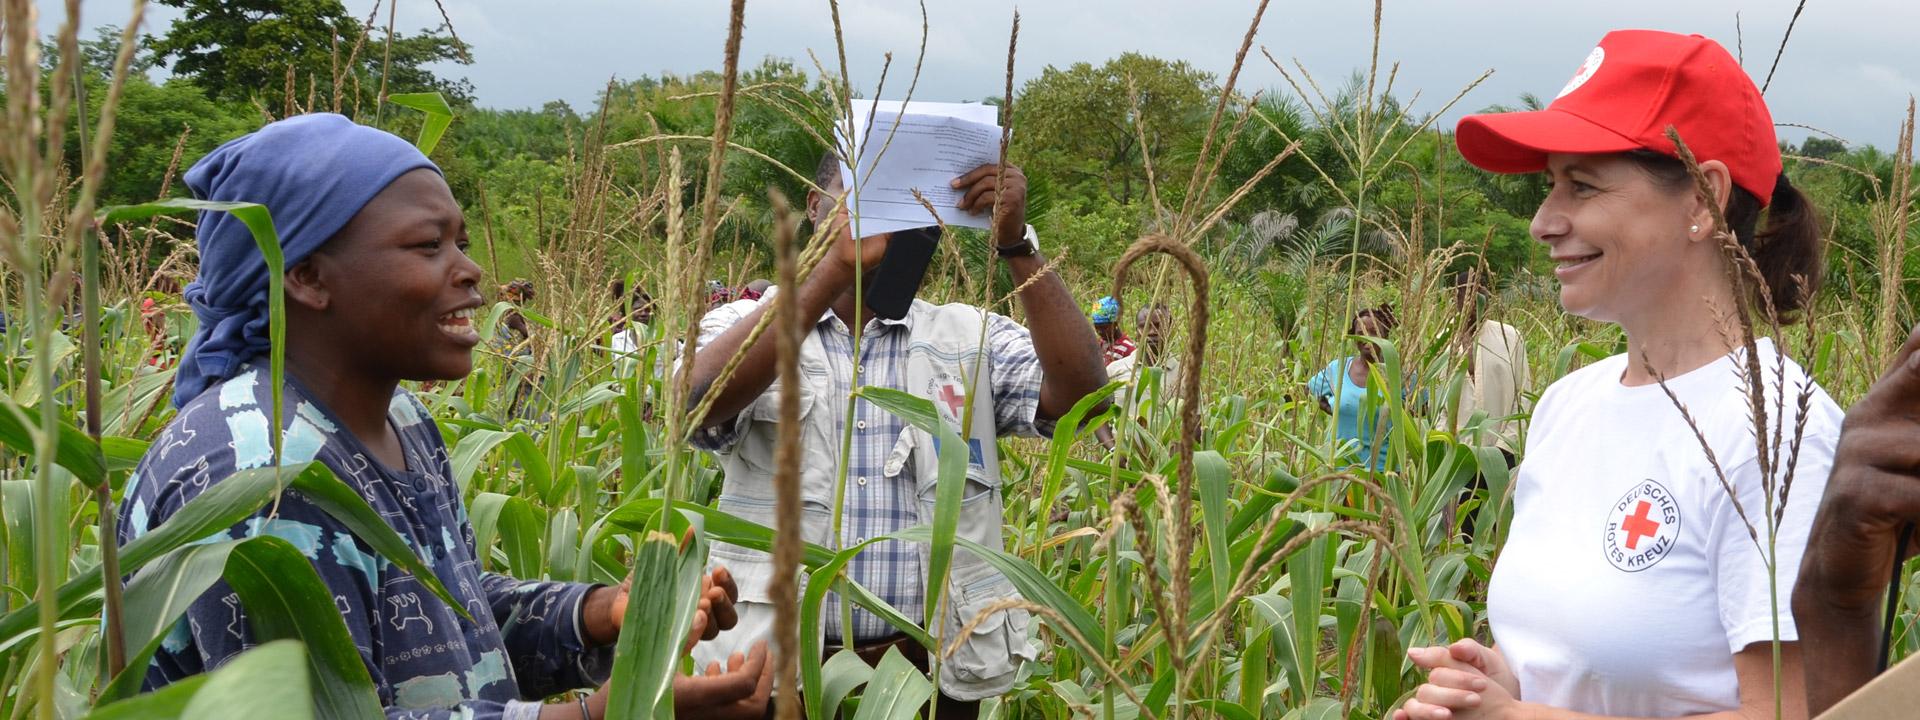 Foto: DRK-Mitarbeiterin im Gespräch mit eiener togolesichen Projektteilnehmerin